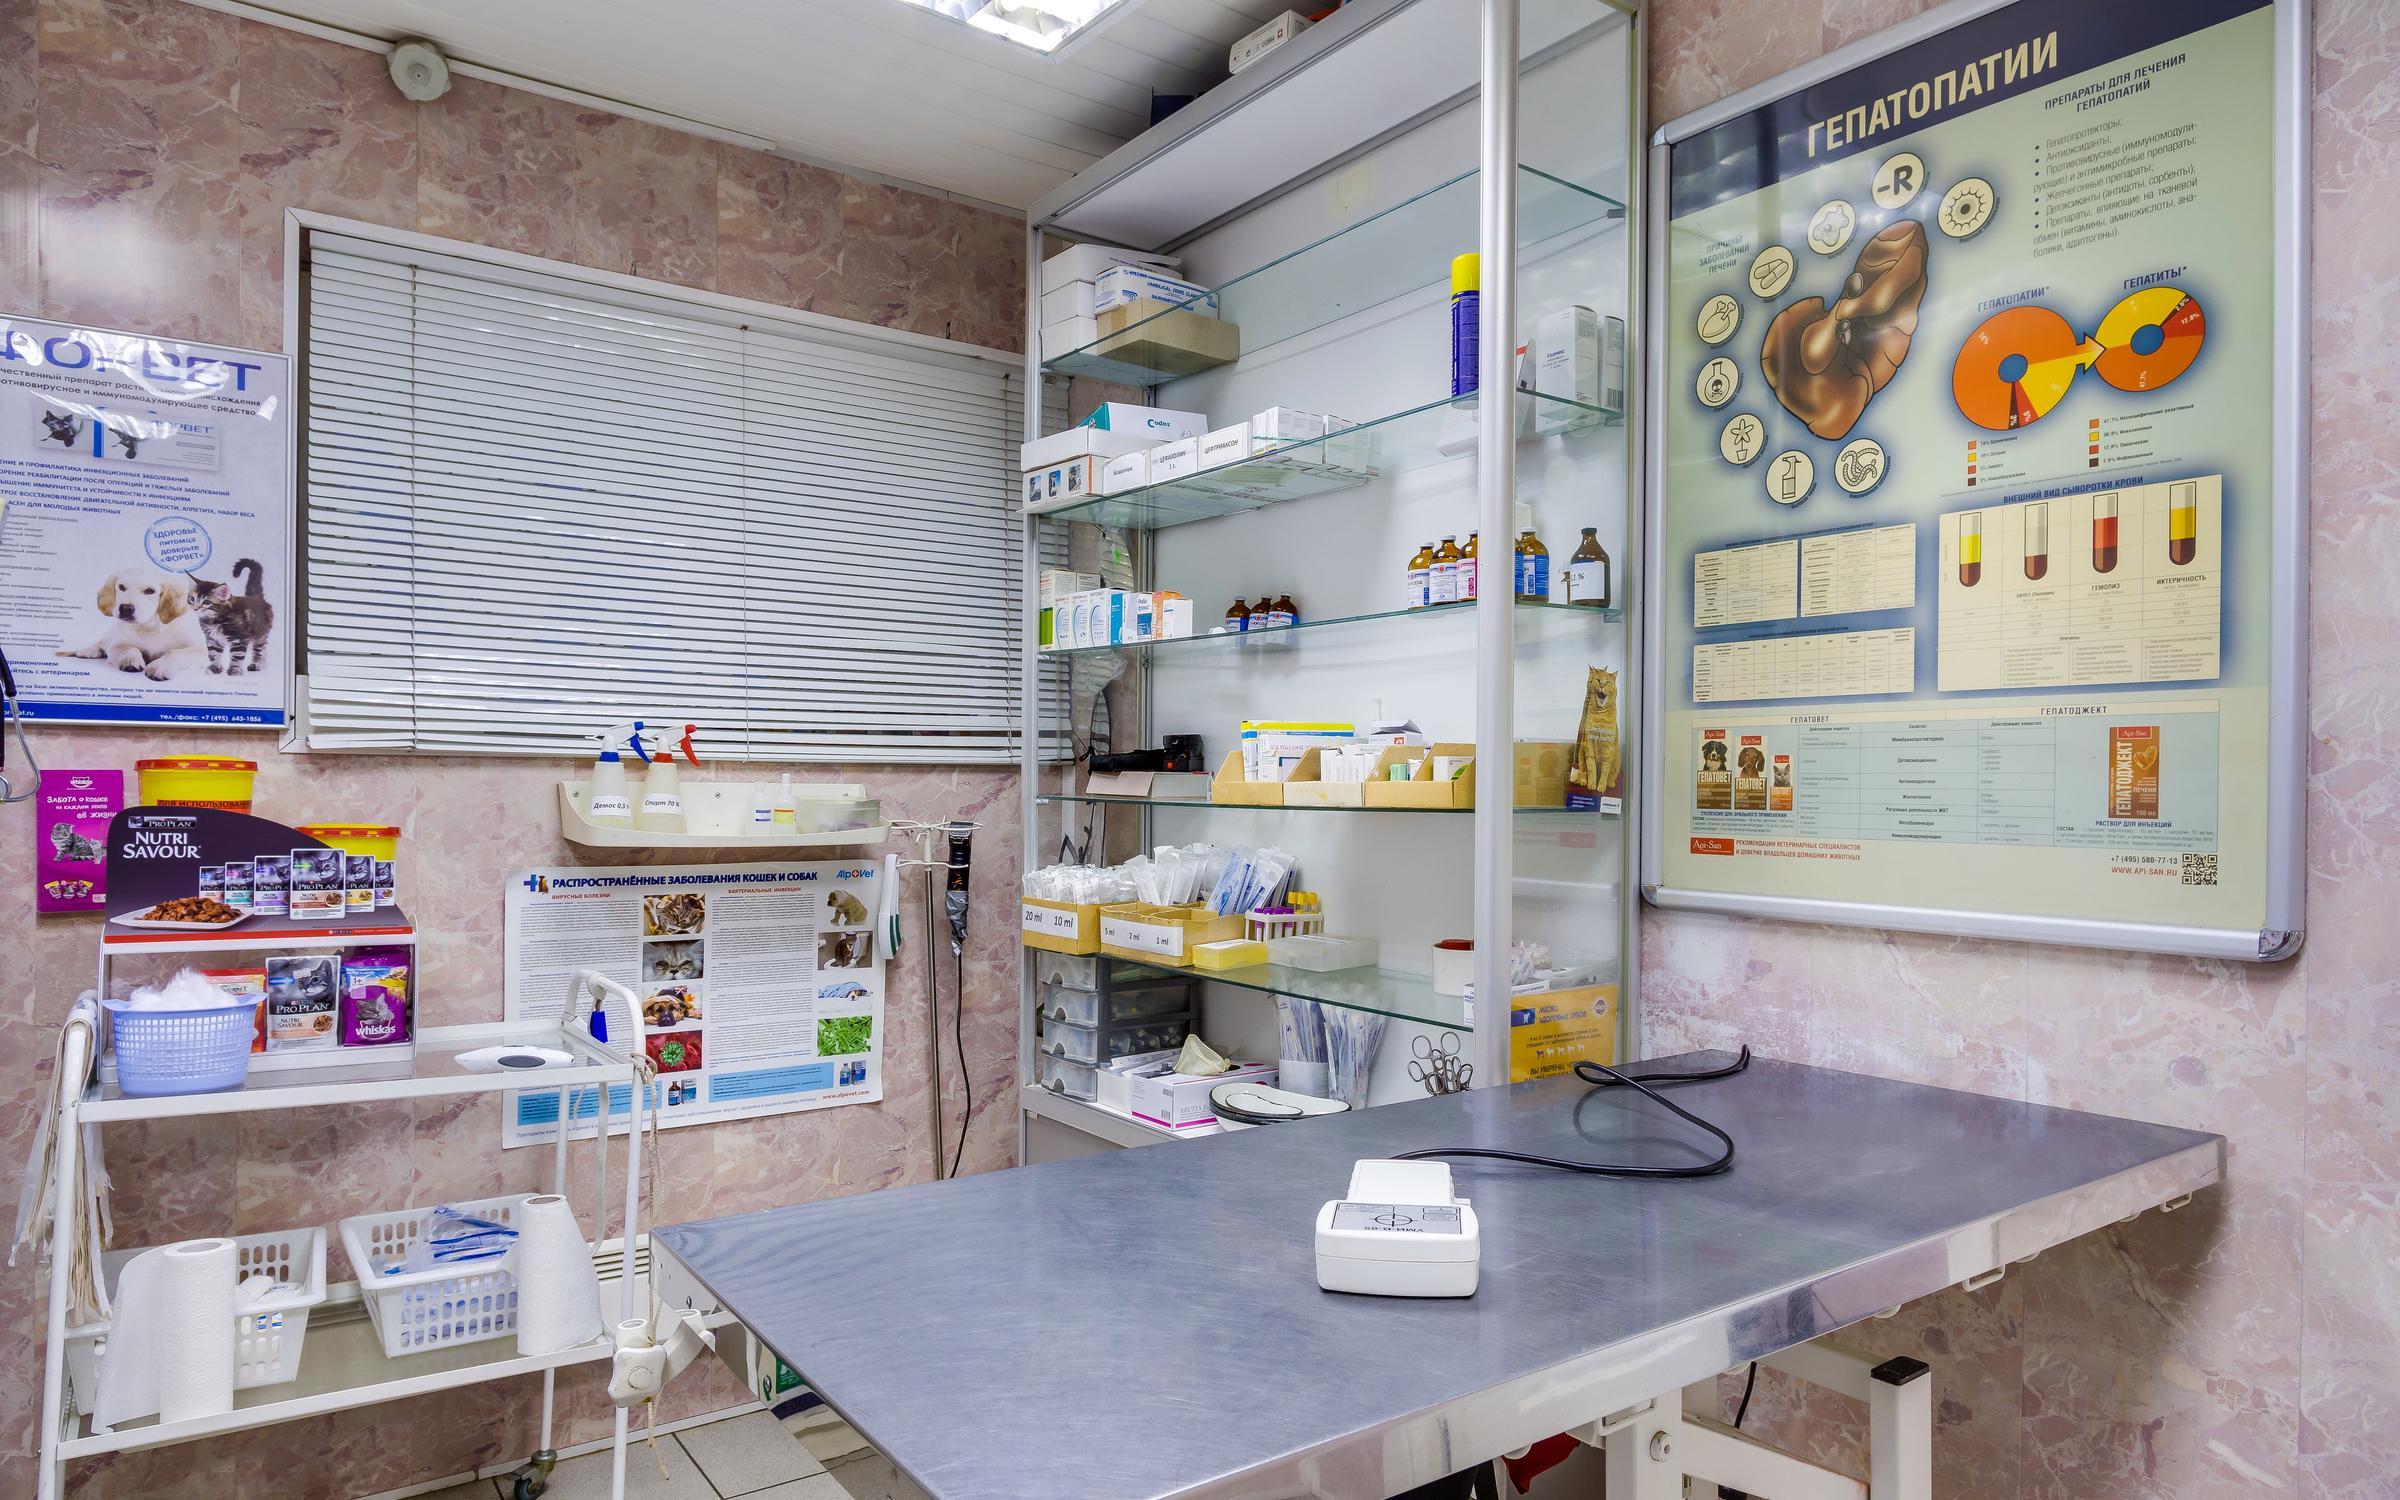 фотография Ветеринарной клиники ГрандВет на Федоскинской улице